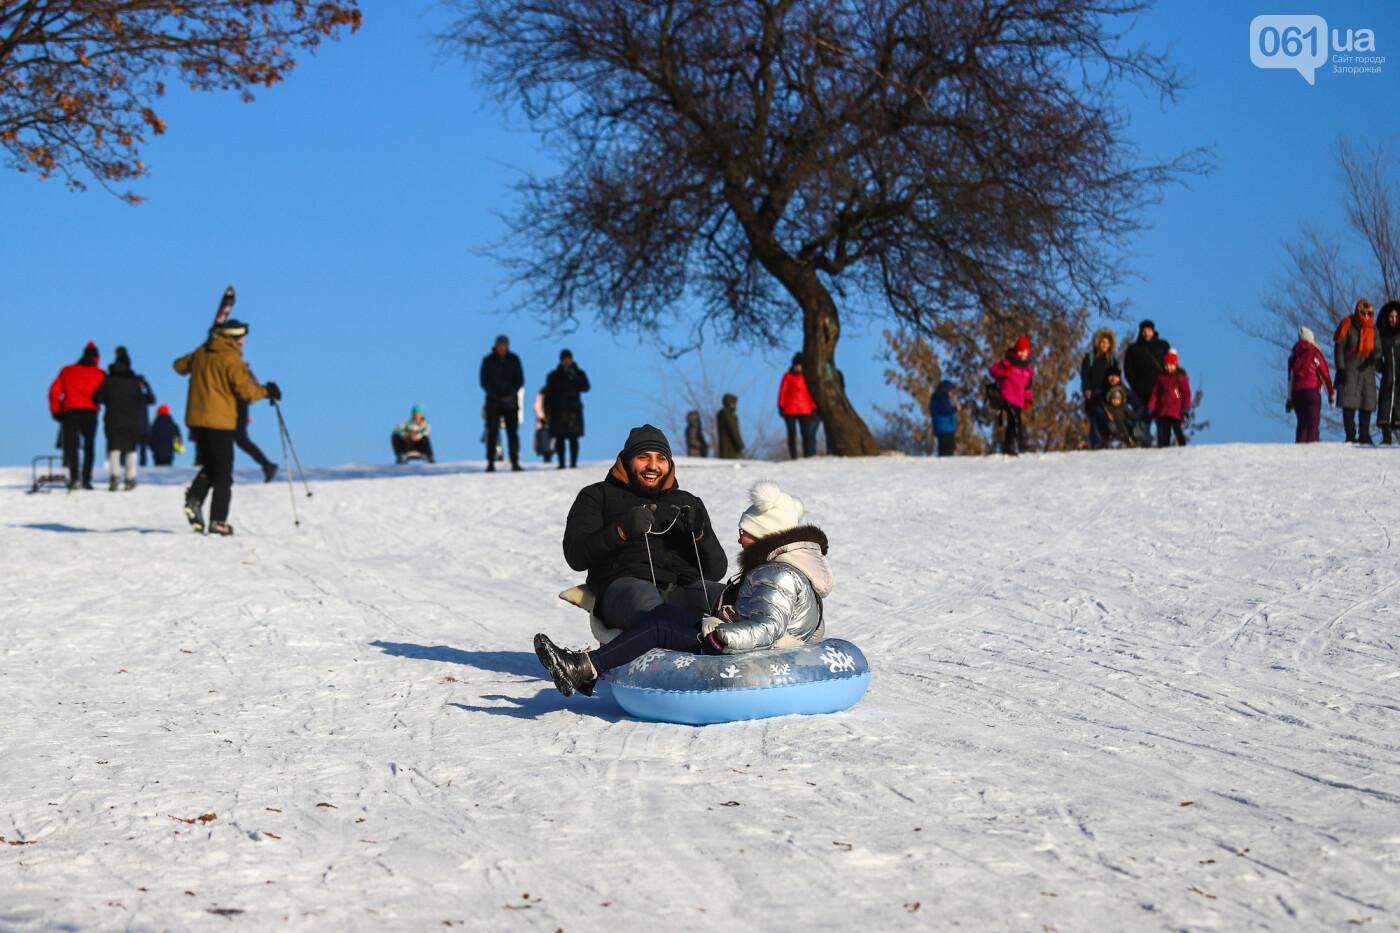 На санках, лыжах и сноуборде: запорожцы устроили массовое катание с горок в Вознесеновском парке, - ФОТОРЕПОРТАЖ, фото-81